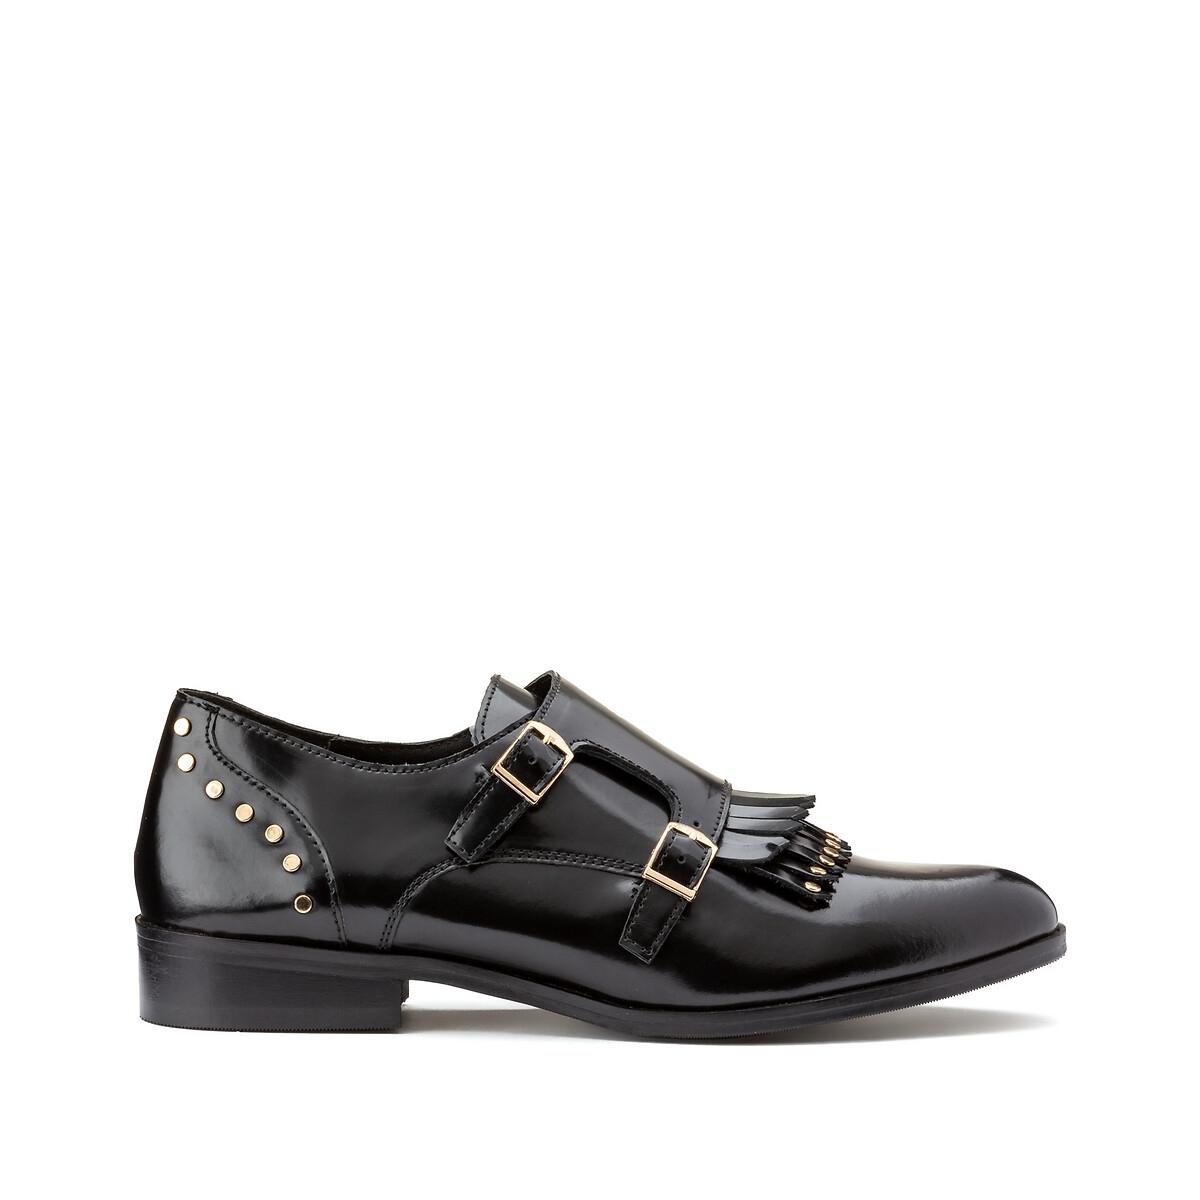 Ботинки-дерби LaRedoute Кожаные с бахромой и заклепками 36 черный